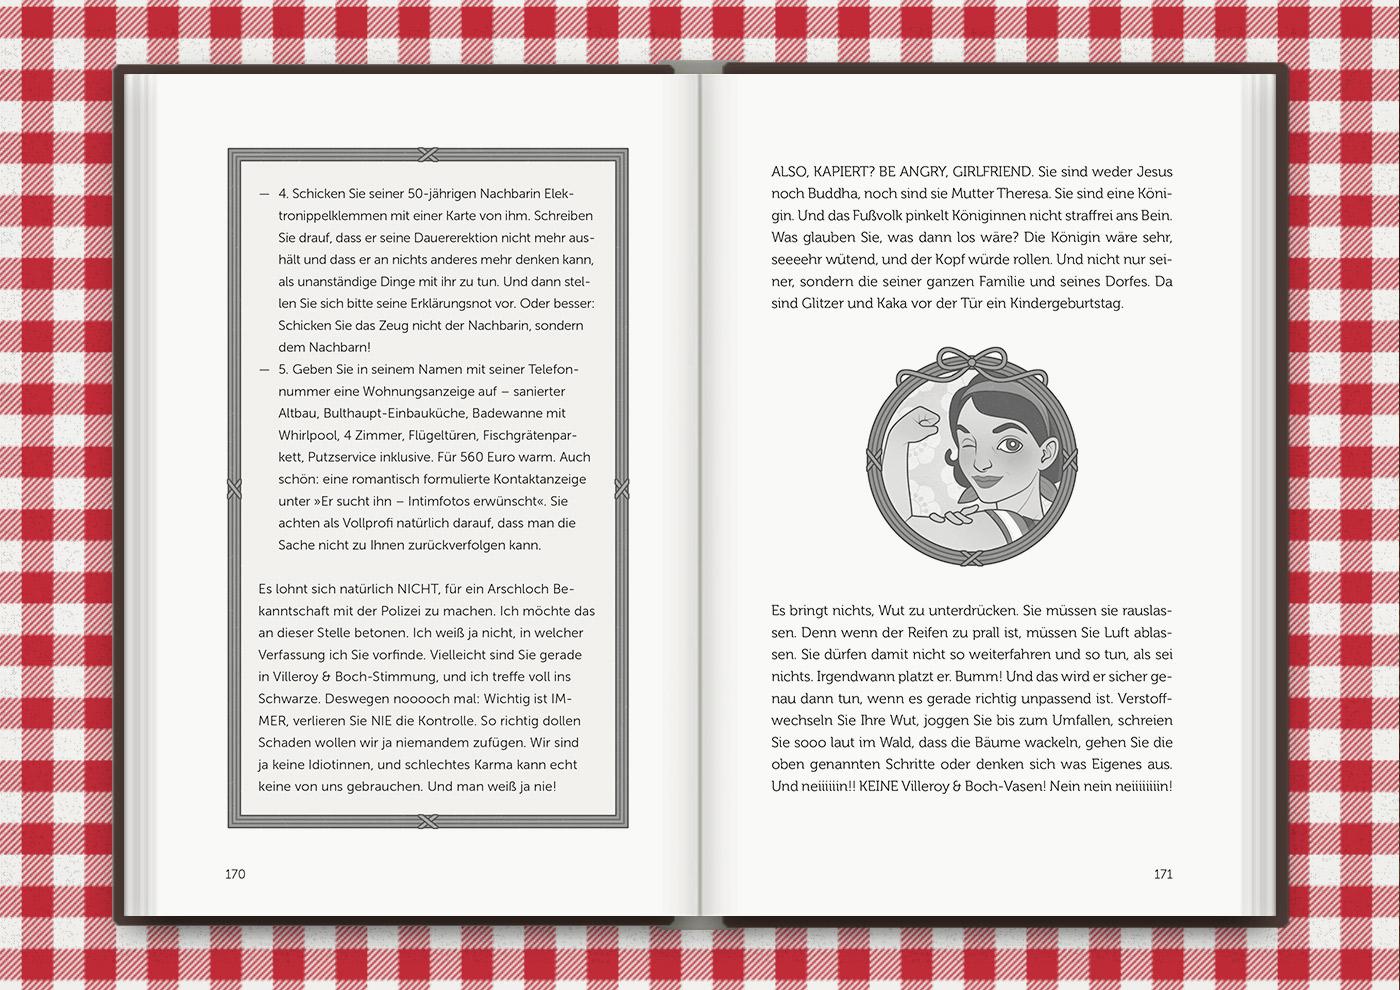 Vignette von Mimi Fiedler in We-Can-Do-It-Pose, für das Buch Brauchsu keine Doktor, brauchsu nur diese Buch – Die Balkantherapie für Liebe, Leib und Leben von Mimi Fiedler im MVG Verlag